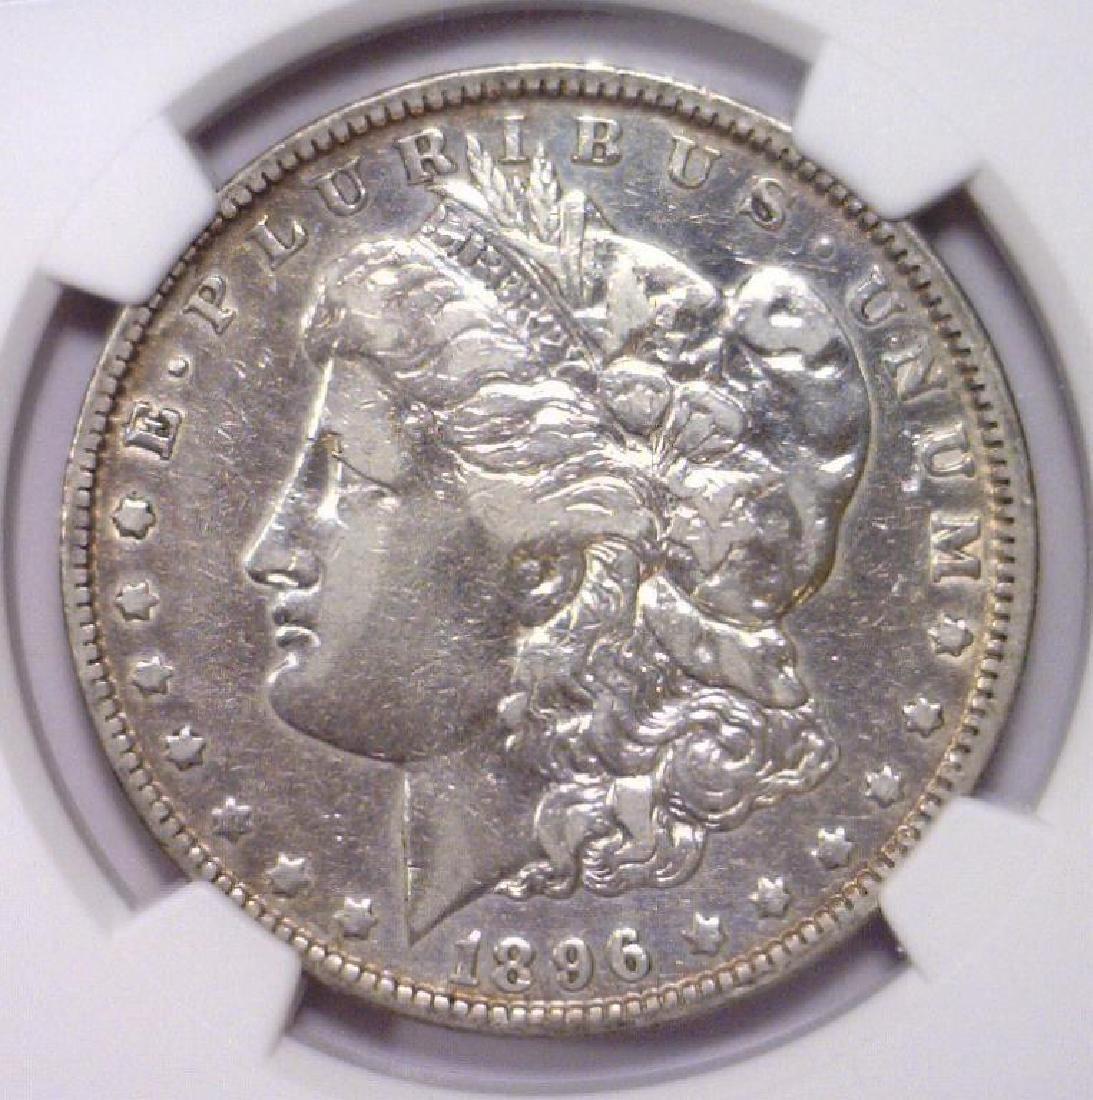 1896-O Morgan Silver Dollar NGC VF details